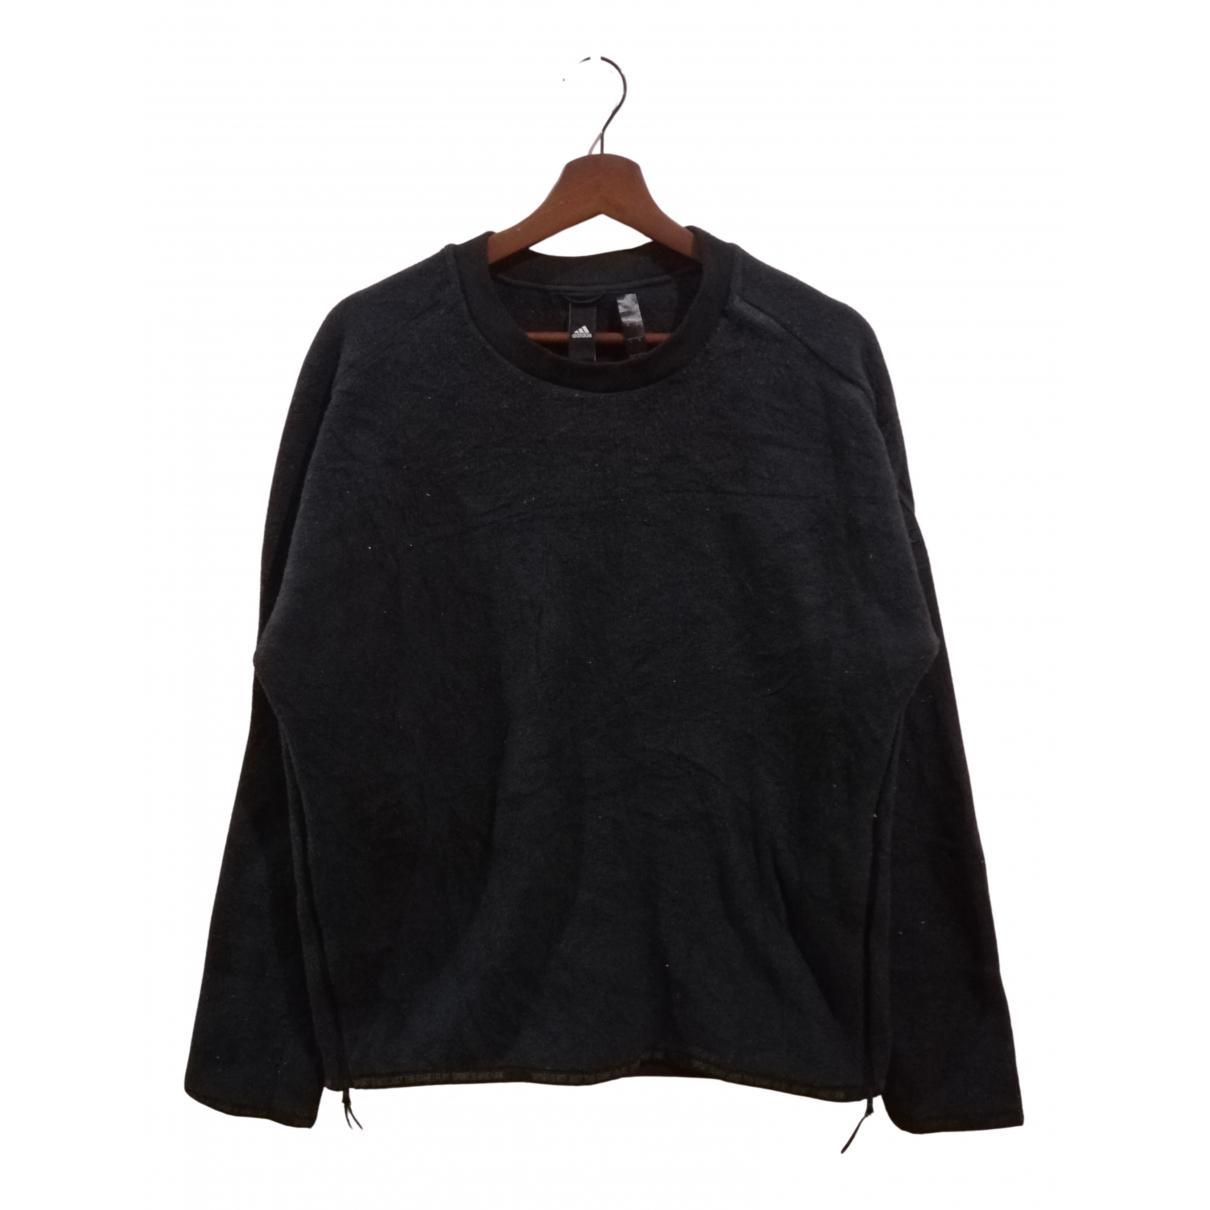 Adidas - Pulls.Gilets.Sweats   pour homme en laine - noir